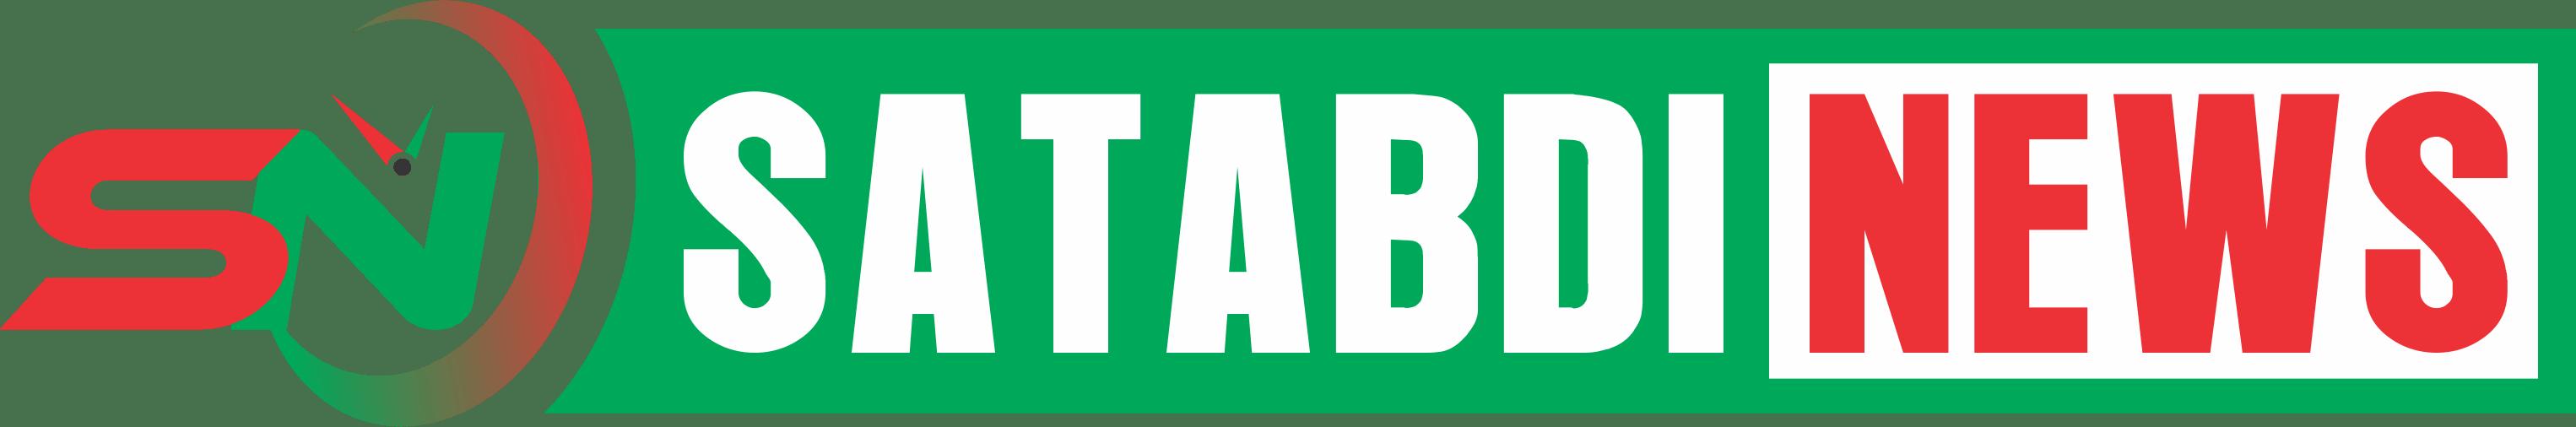 Satabdi News